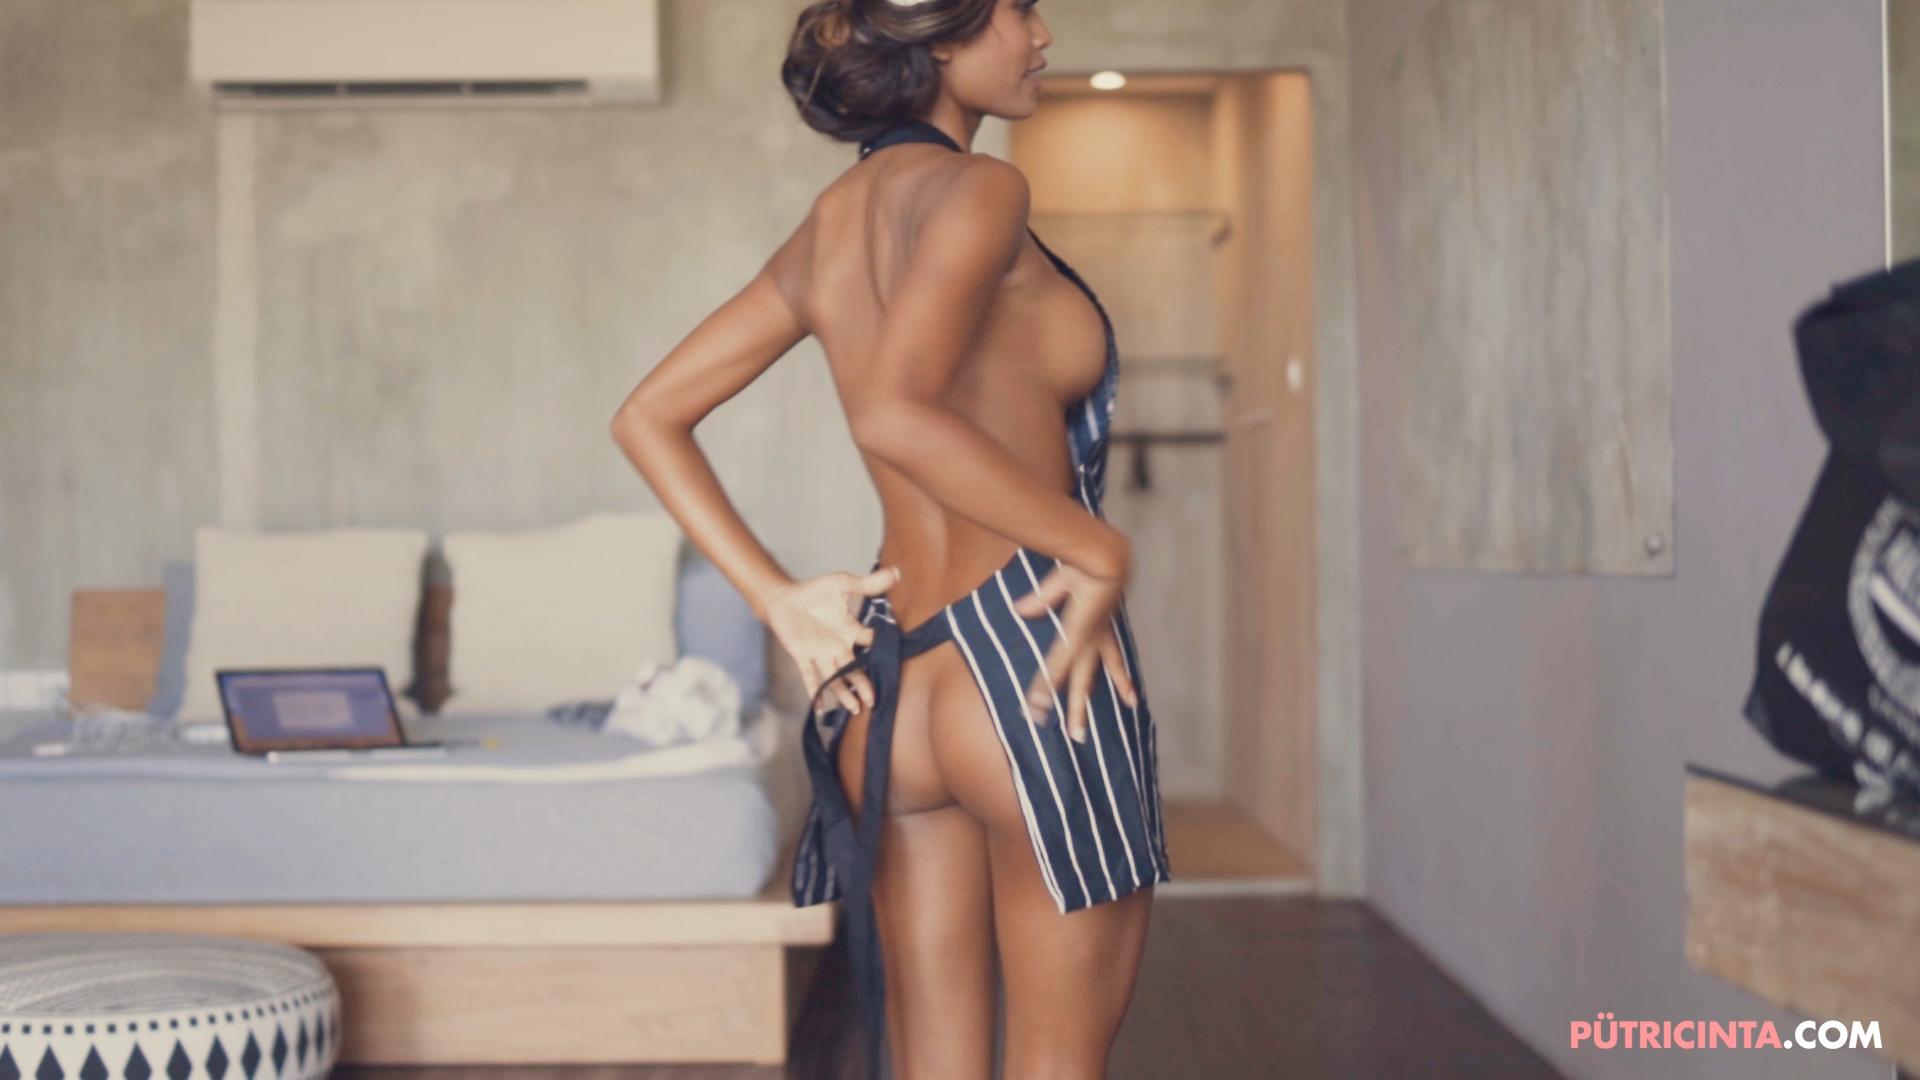 028-Putri-Cinta-Cooking-Class-bts-stills-7.jpg